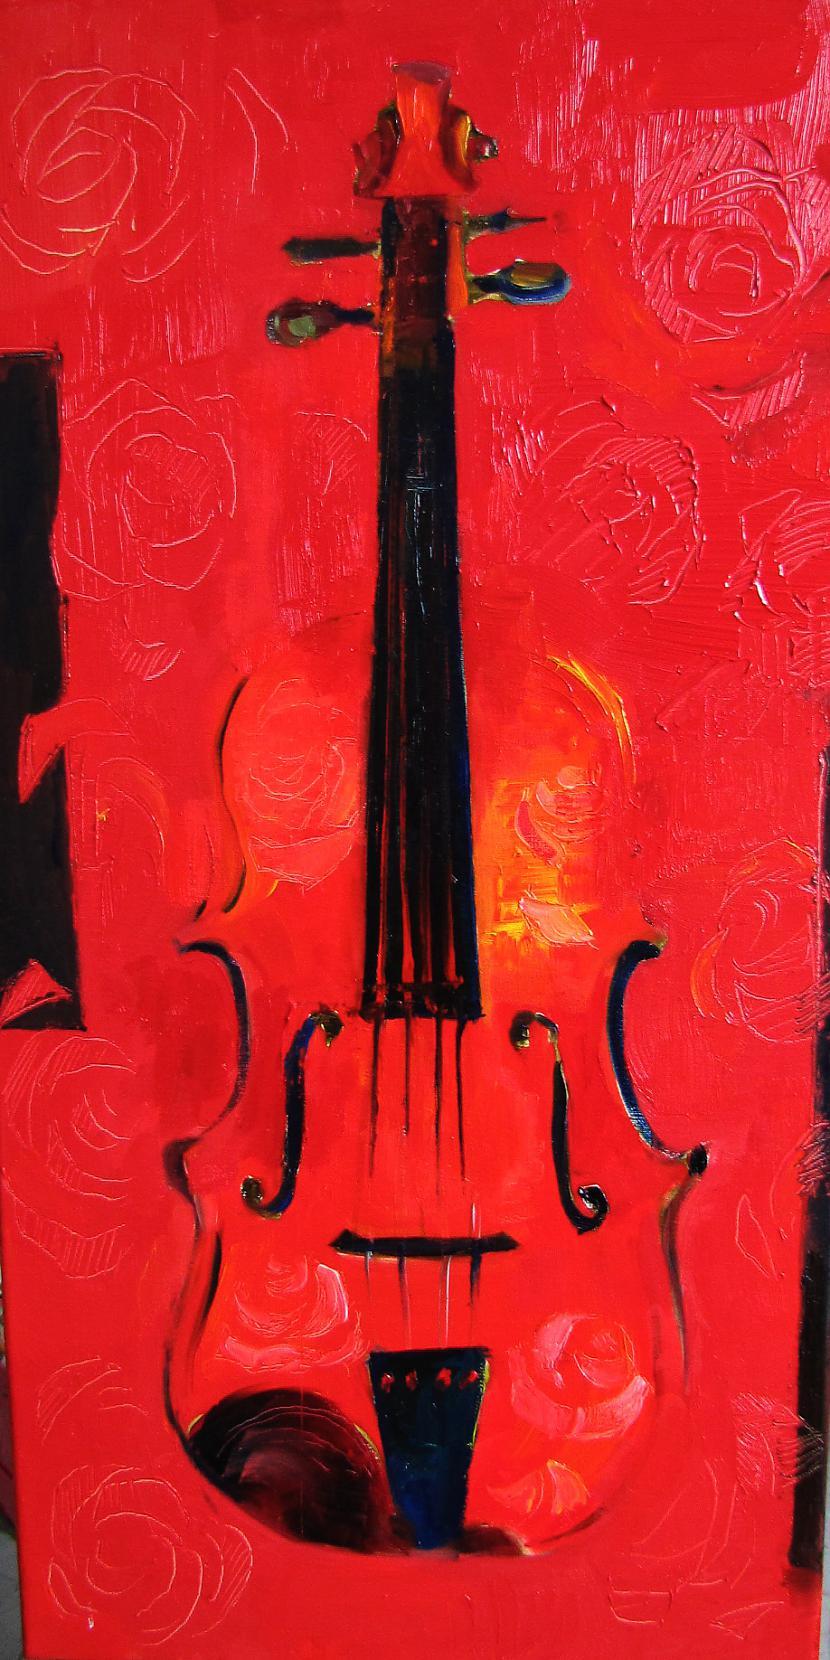 Rožu dārza simfonija  konkursa... Autors: Karina20 Mans Pirmais raksts